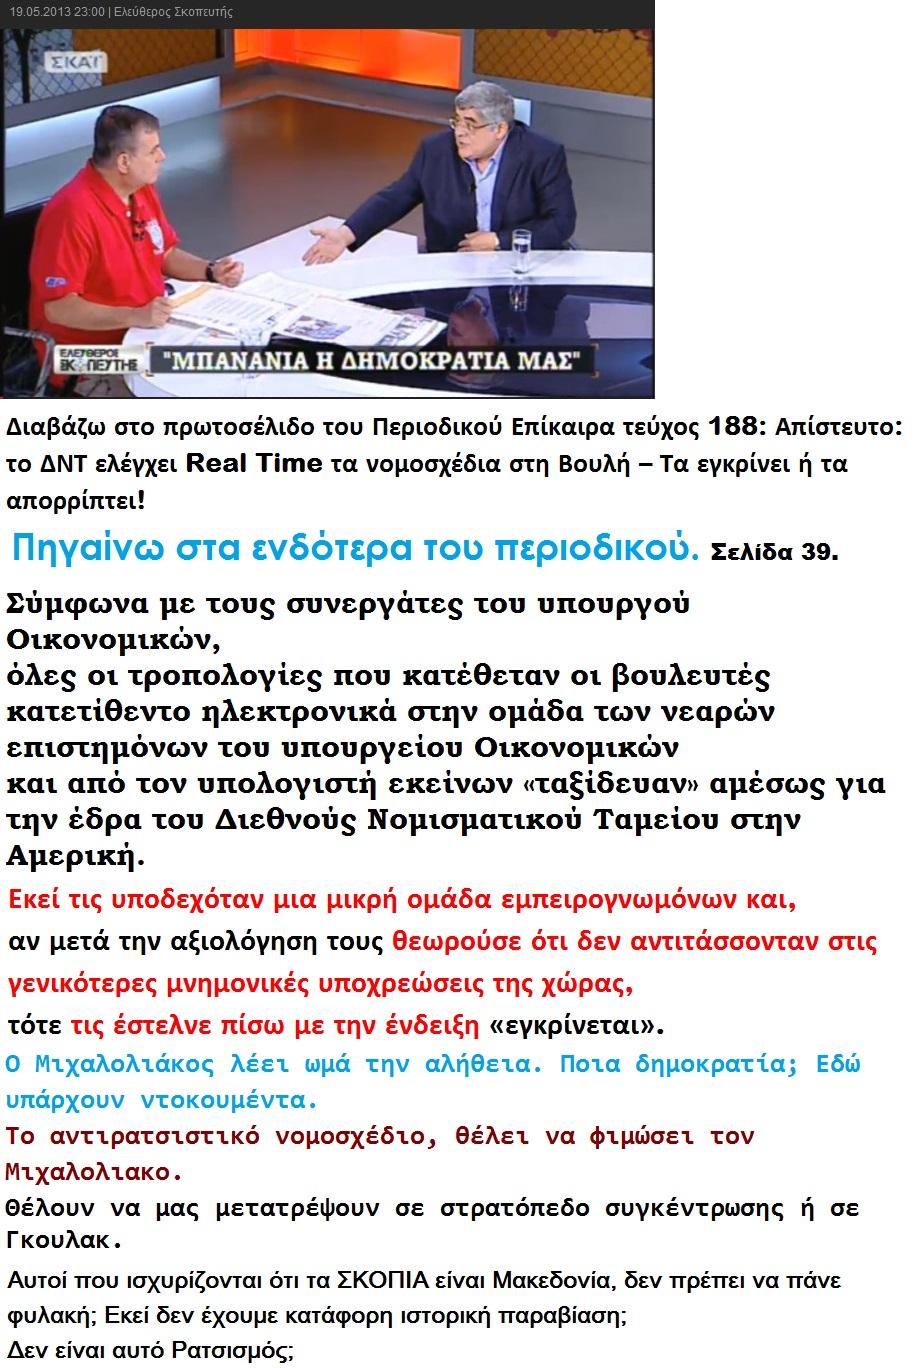 ELLADA XRYSH AUGH MIXALOLIAKOS MPANANIA H DHMOKRATIA MAS 01 01 280513